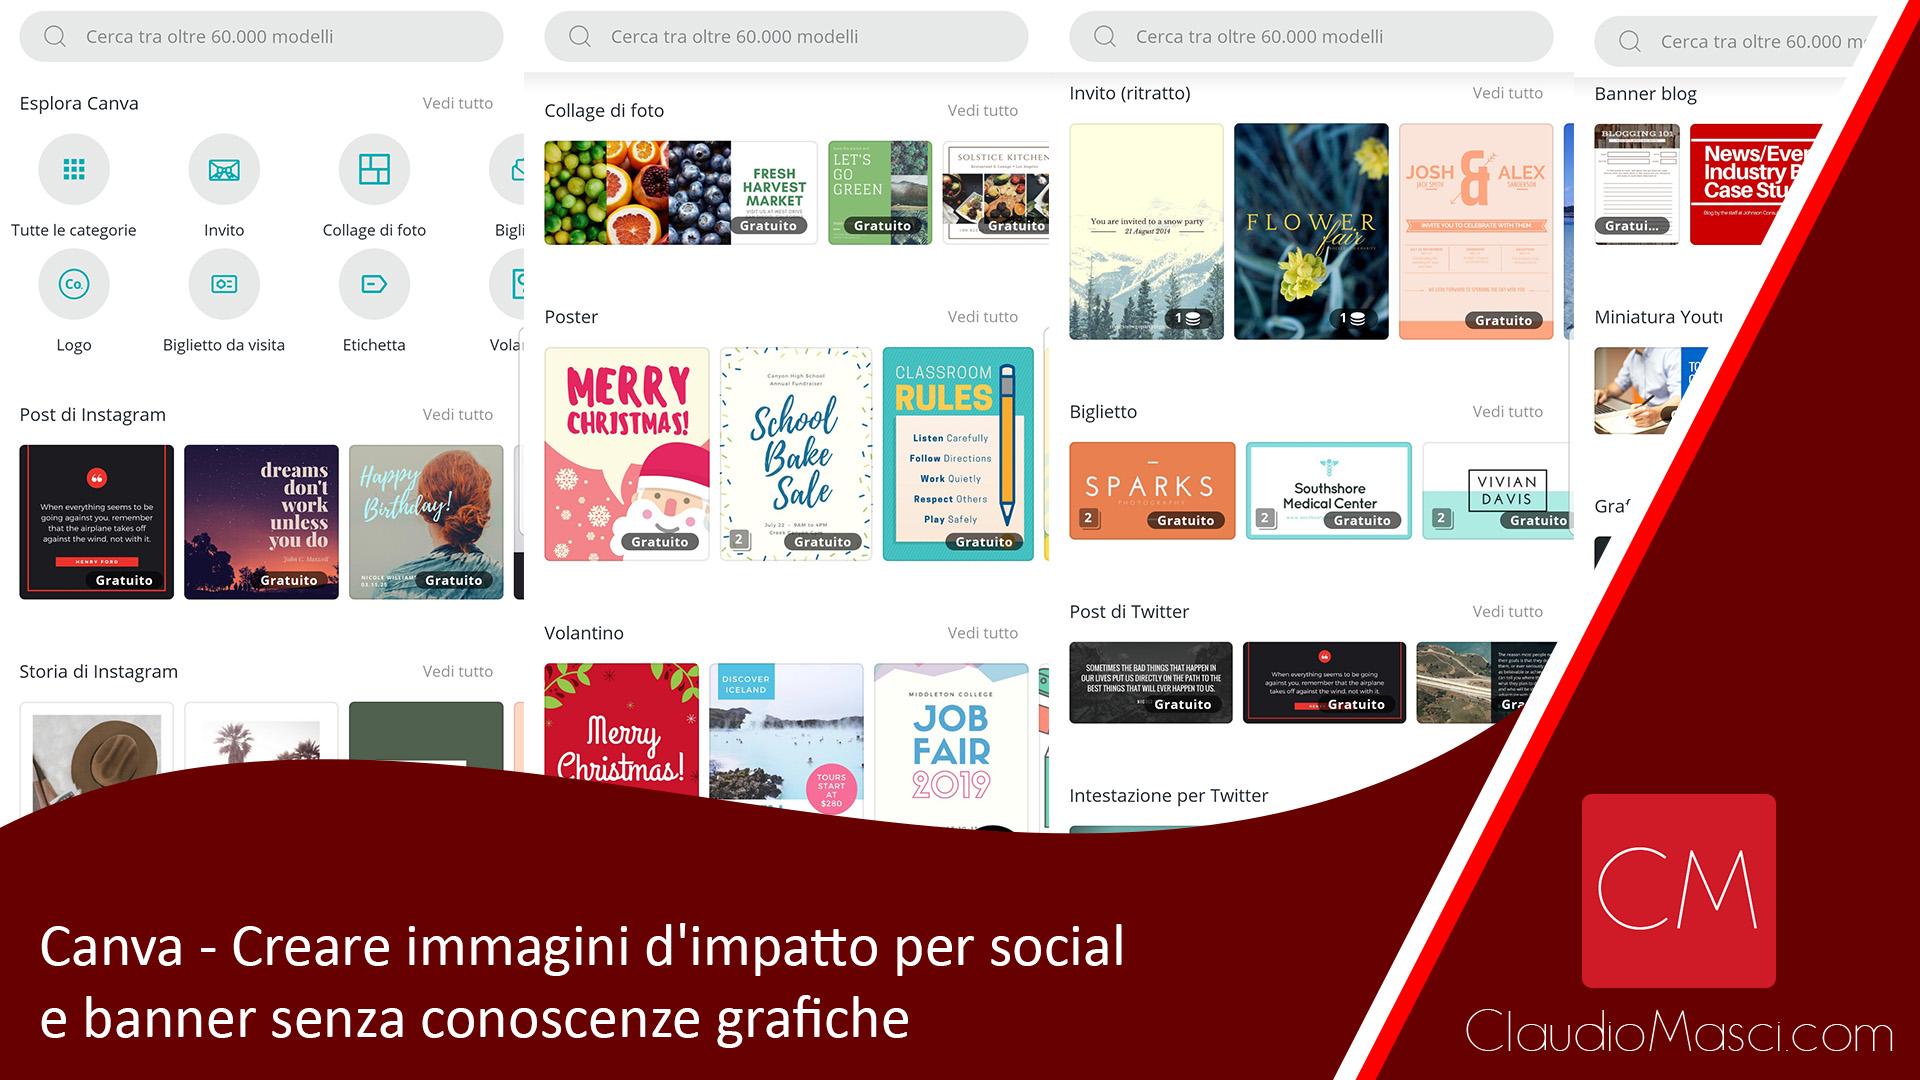 Canva – Creare immagini d'impatto per social e banner senza conoscenze grafiche